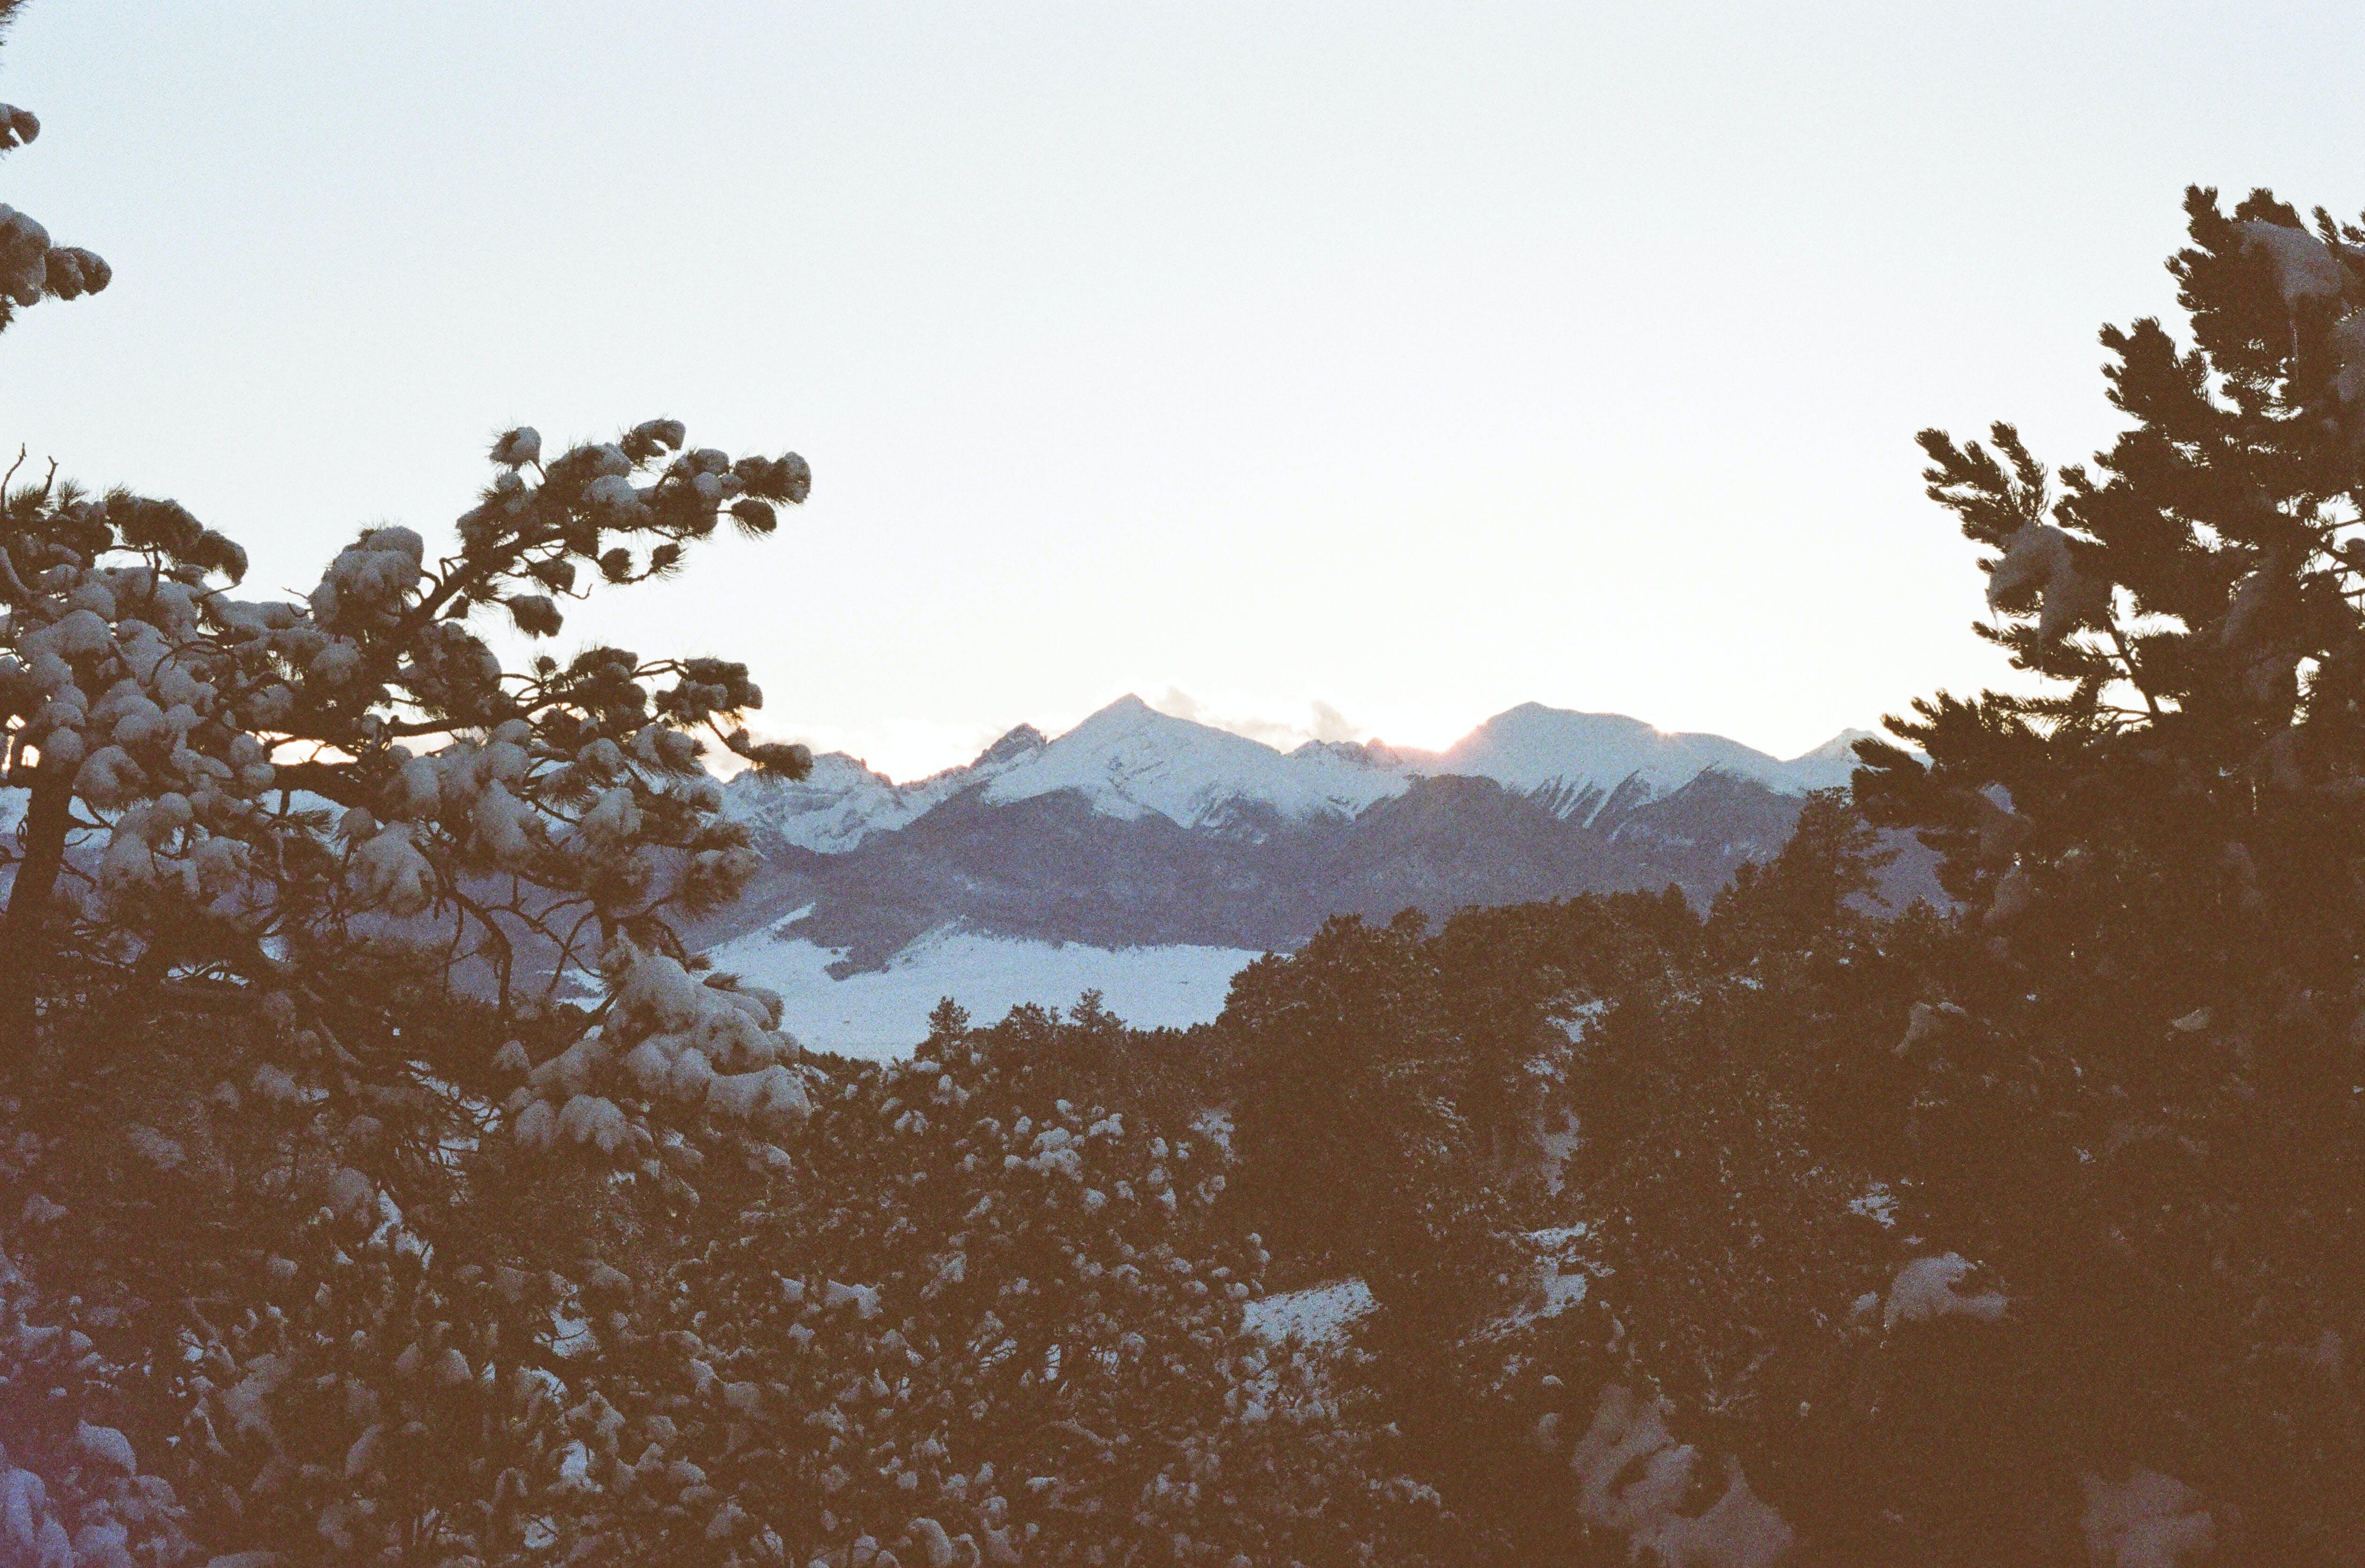 dawn, dusk, mountains